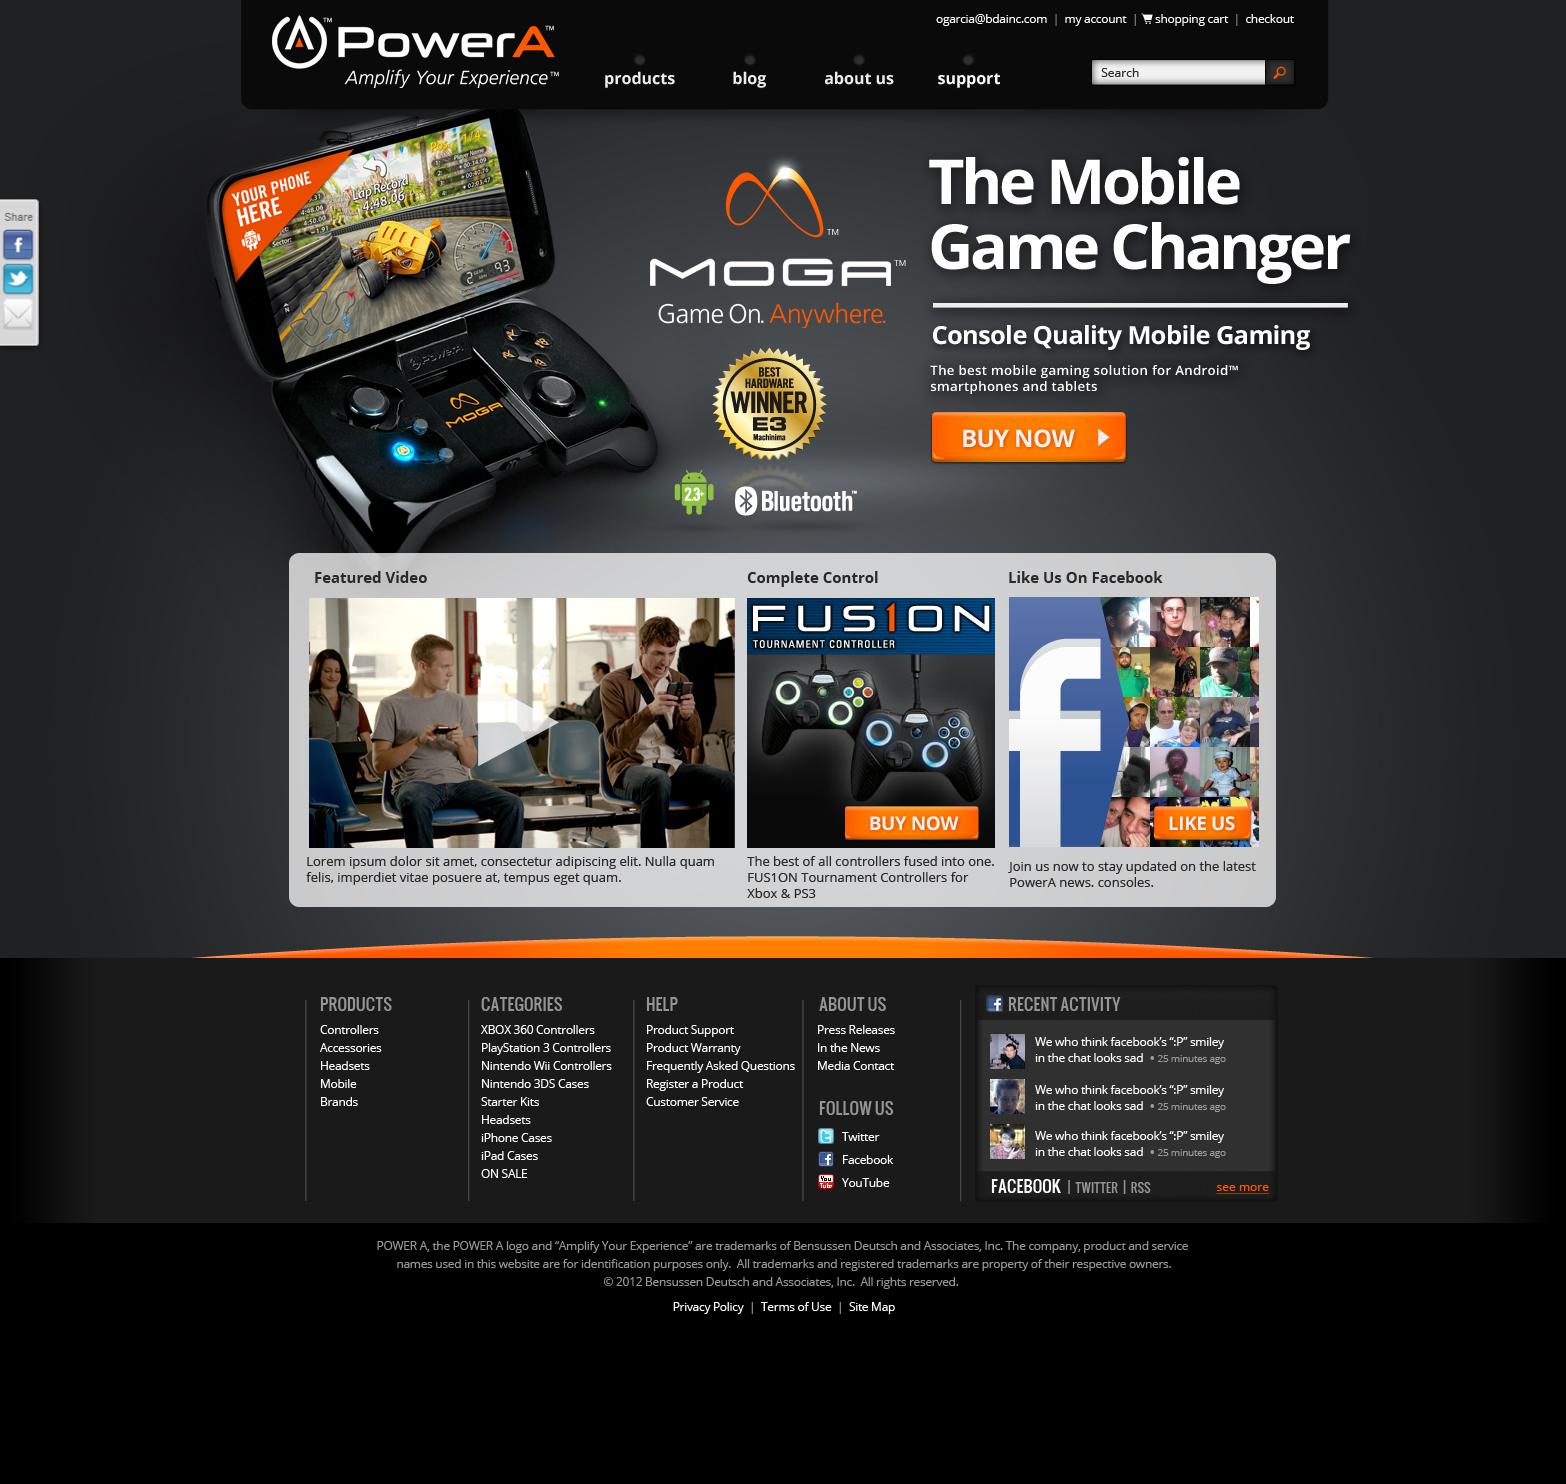 MOGA / Power A website.